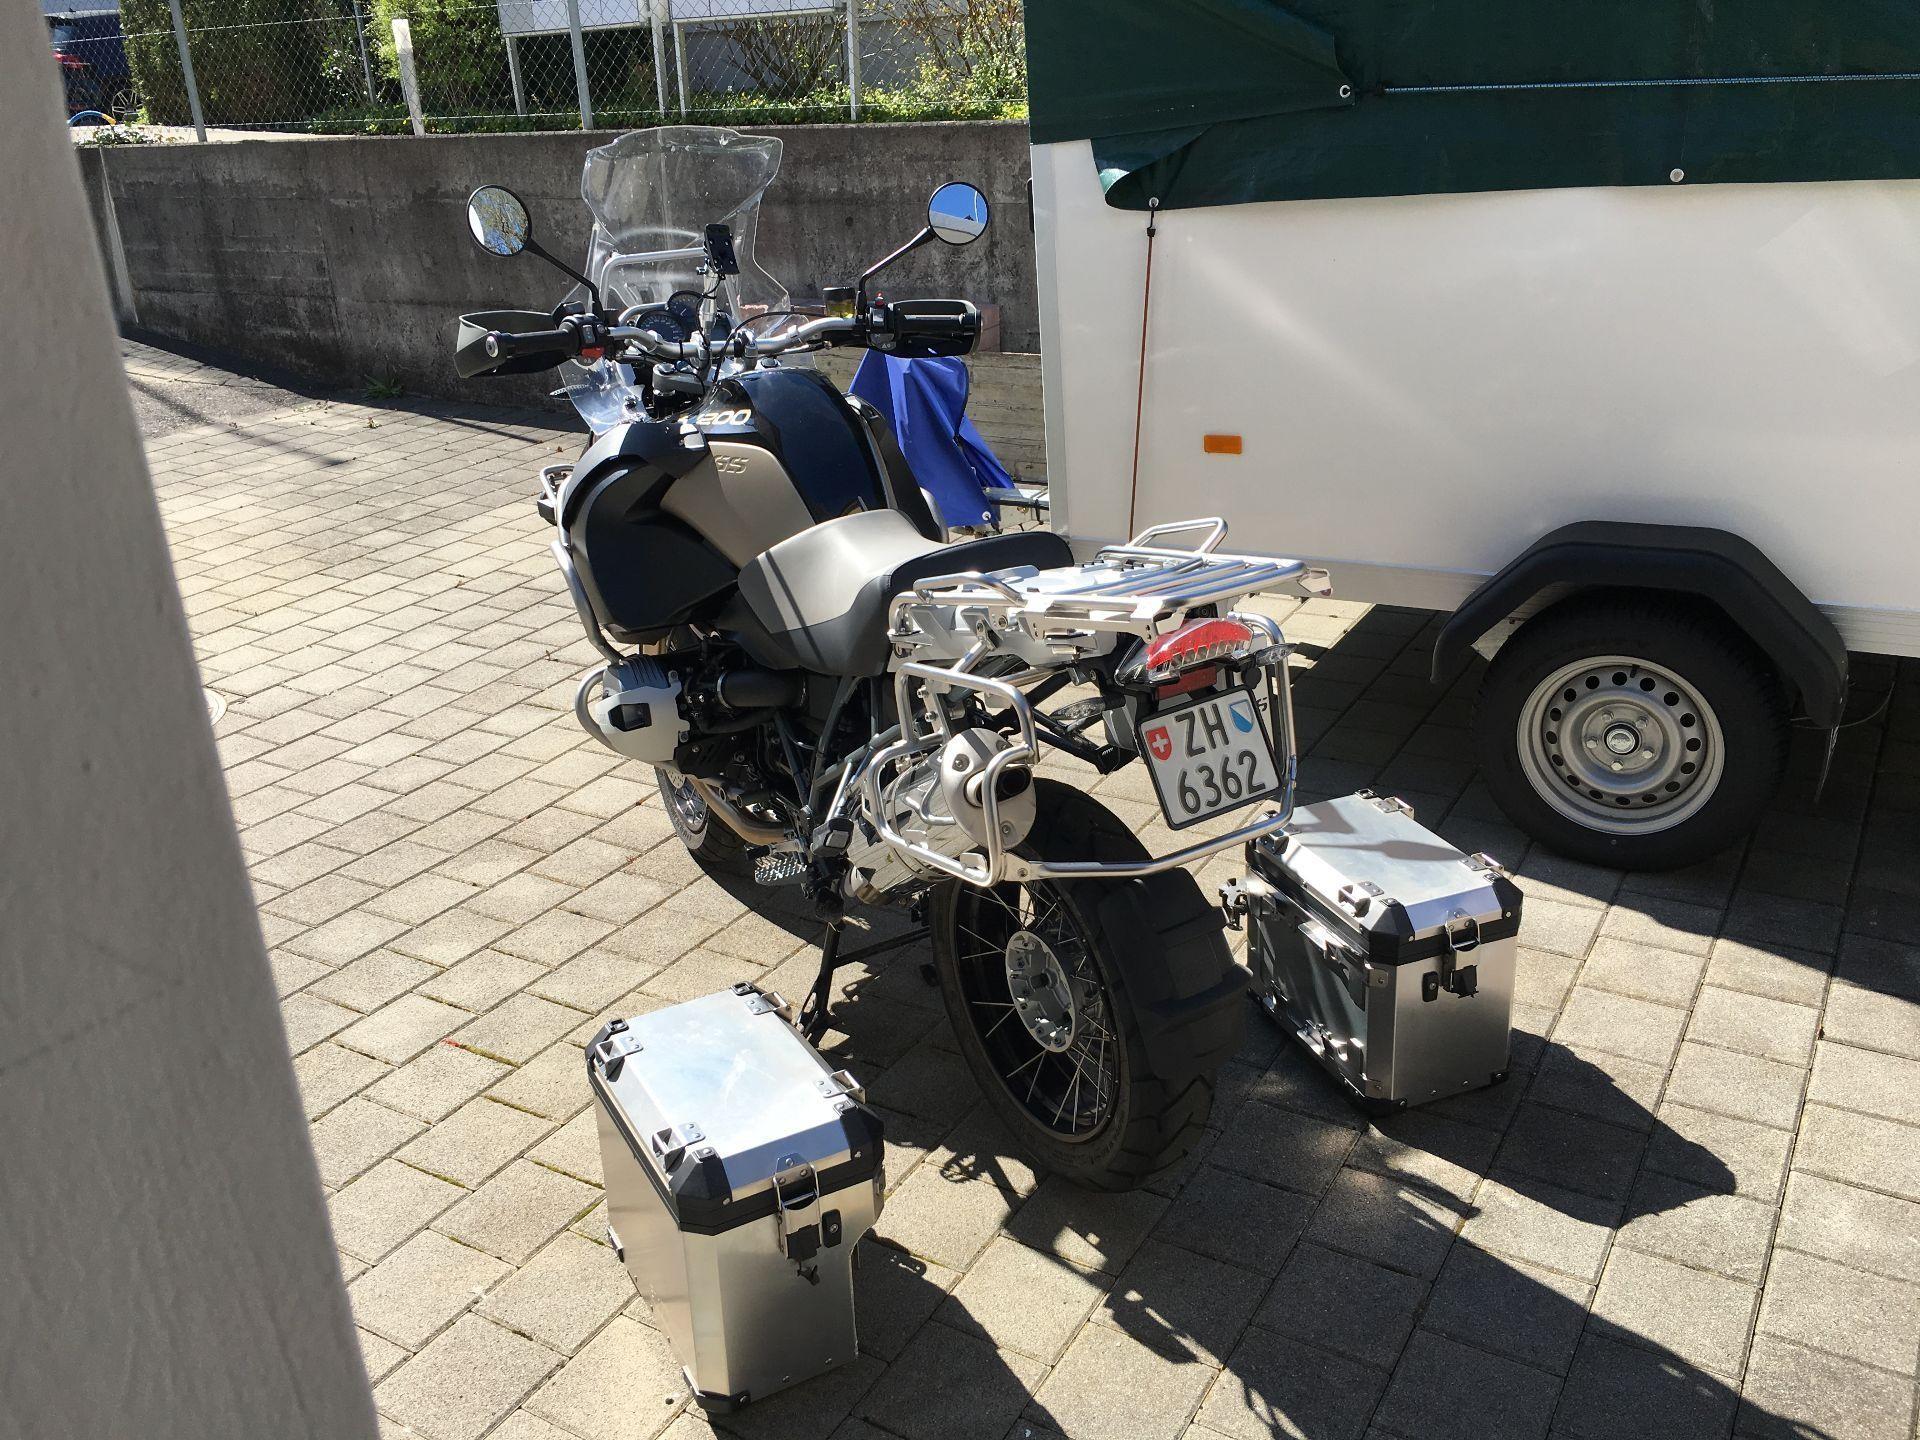 motorrad occasion kaufen bmw r 1200 gs adventure moto center karle z rich. Black Bedroom Furniture Sets. Home Design Ideas